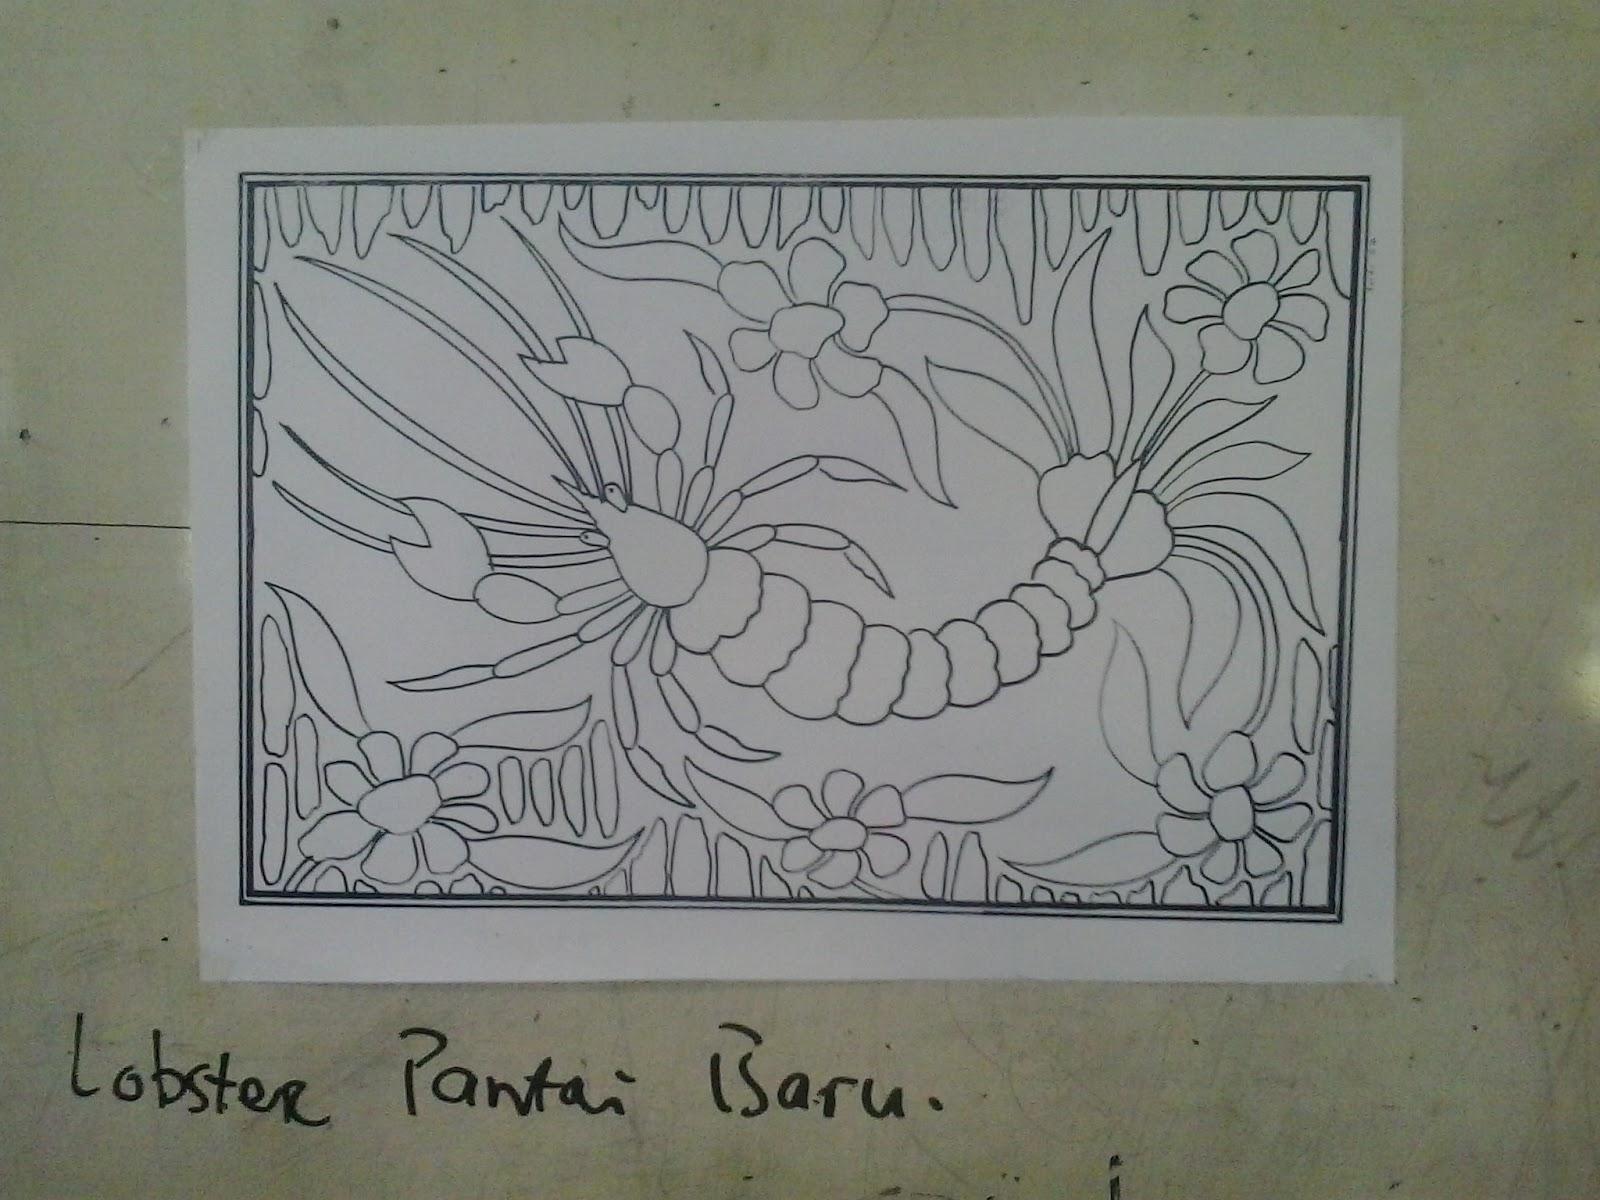 Gambar Sketsa Batik Flora Fauna Sobsketsa